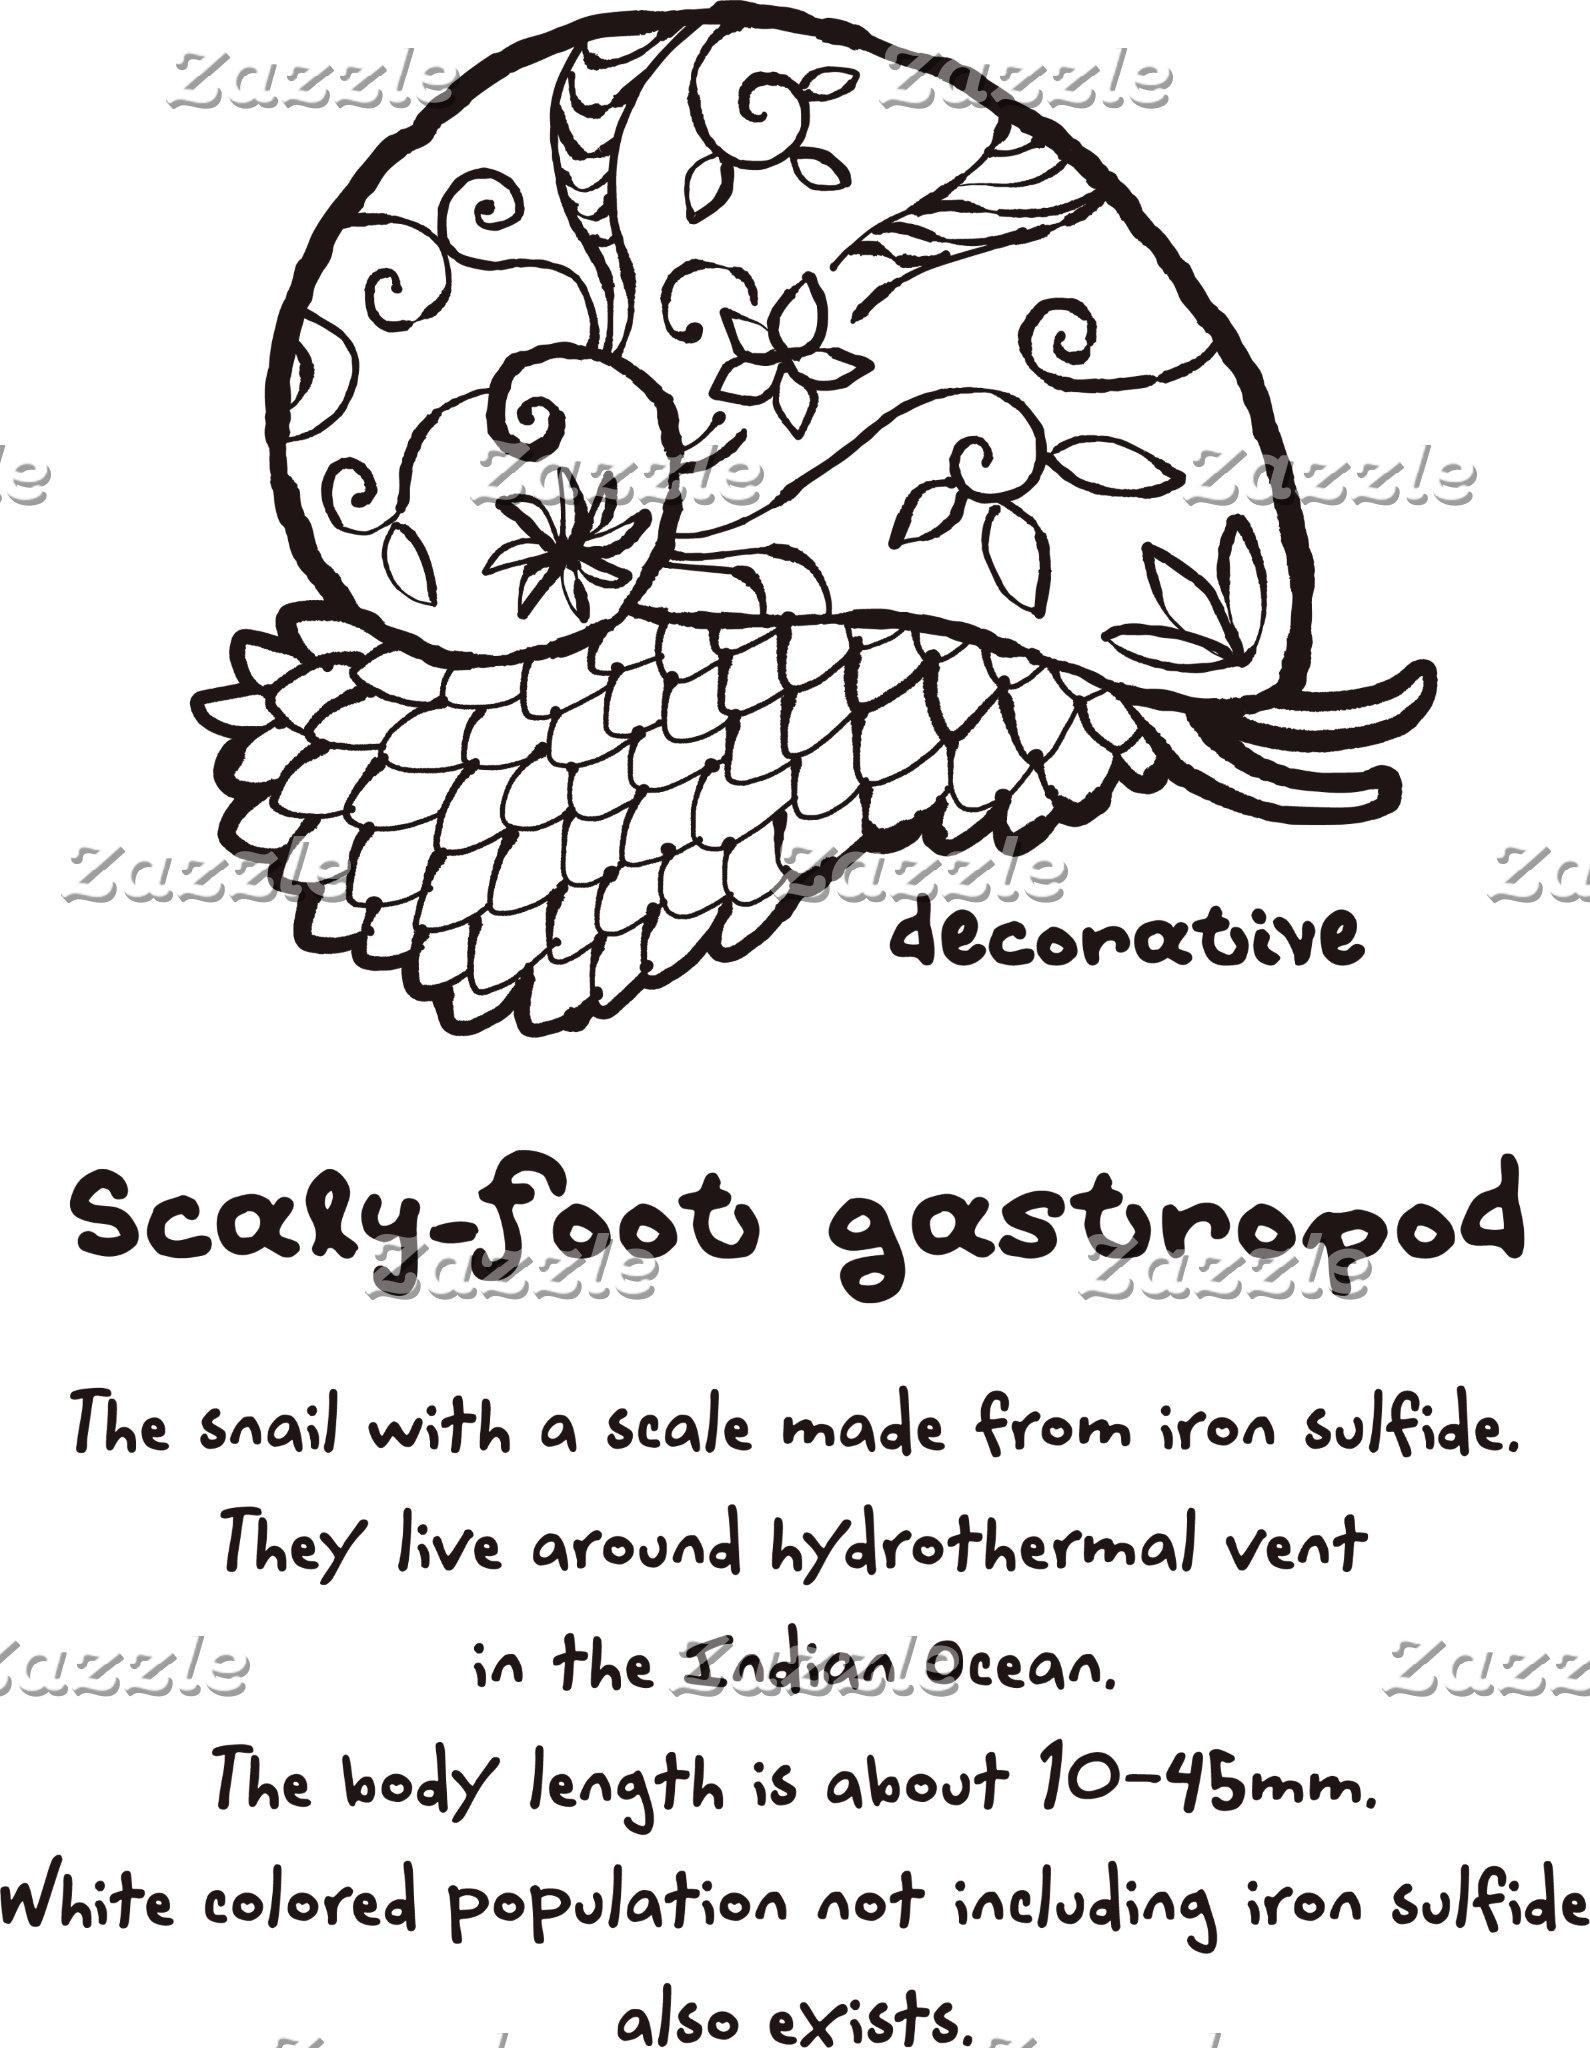 【装飾的なスケーリーフット(茶)】 Decorative Scaly-foot (Brown)